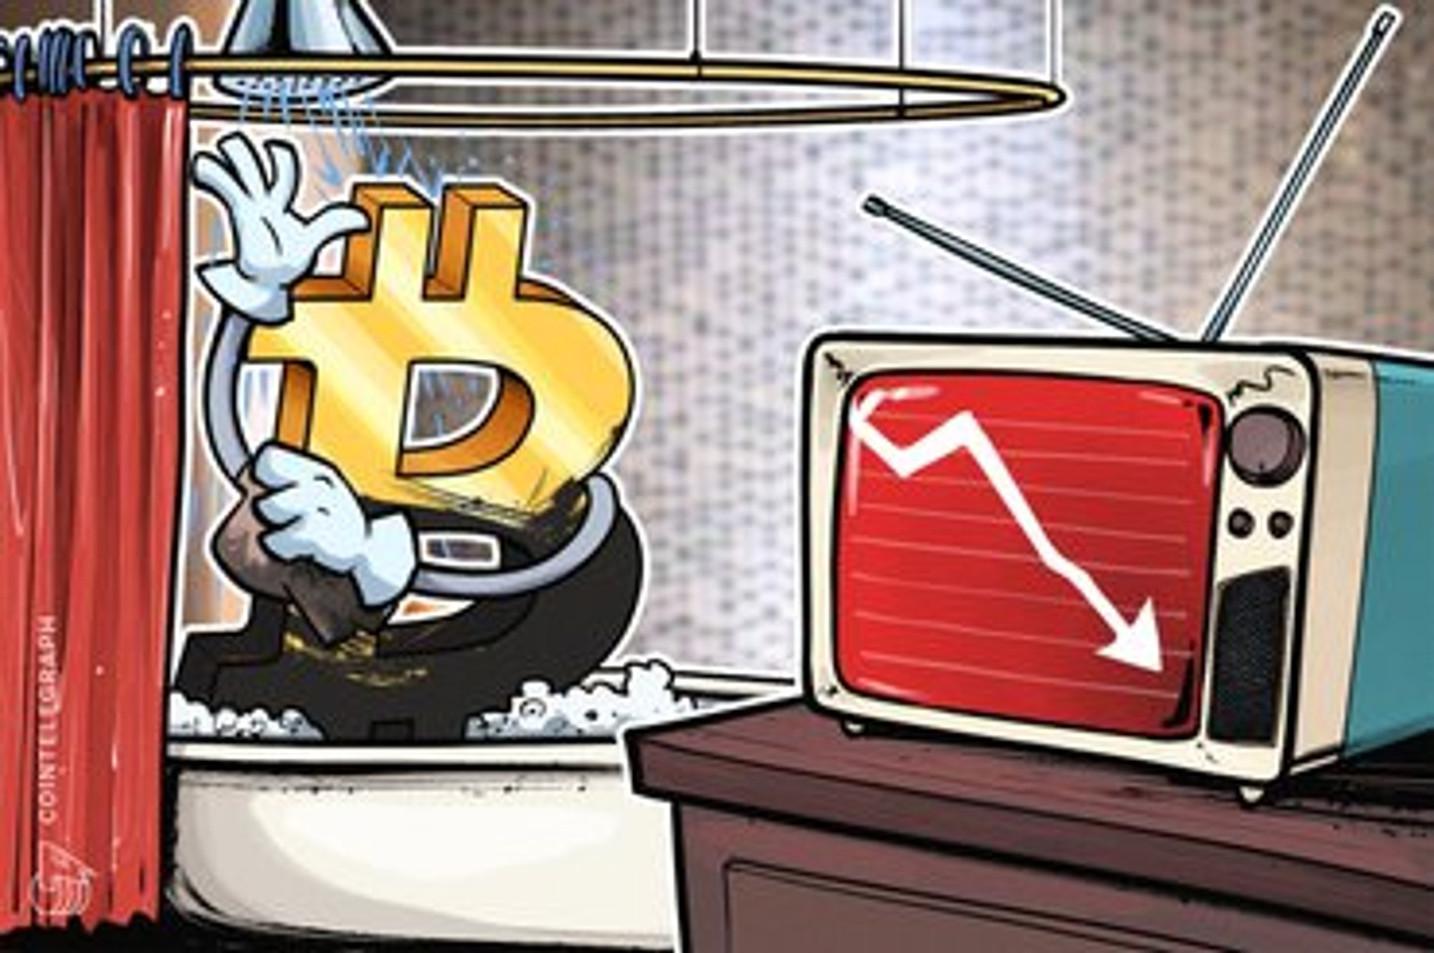 「ワイルド予想」復活か?仮想通貨ビットコインは一時8100ドル割る|アルトコインは冬の時代か【仮想通貨相場】